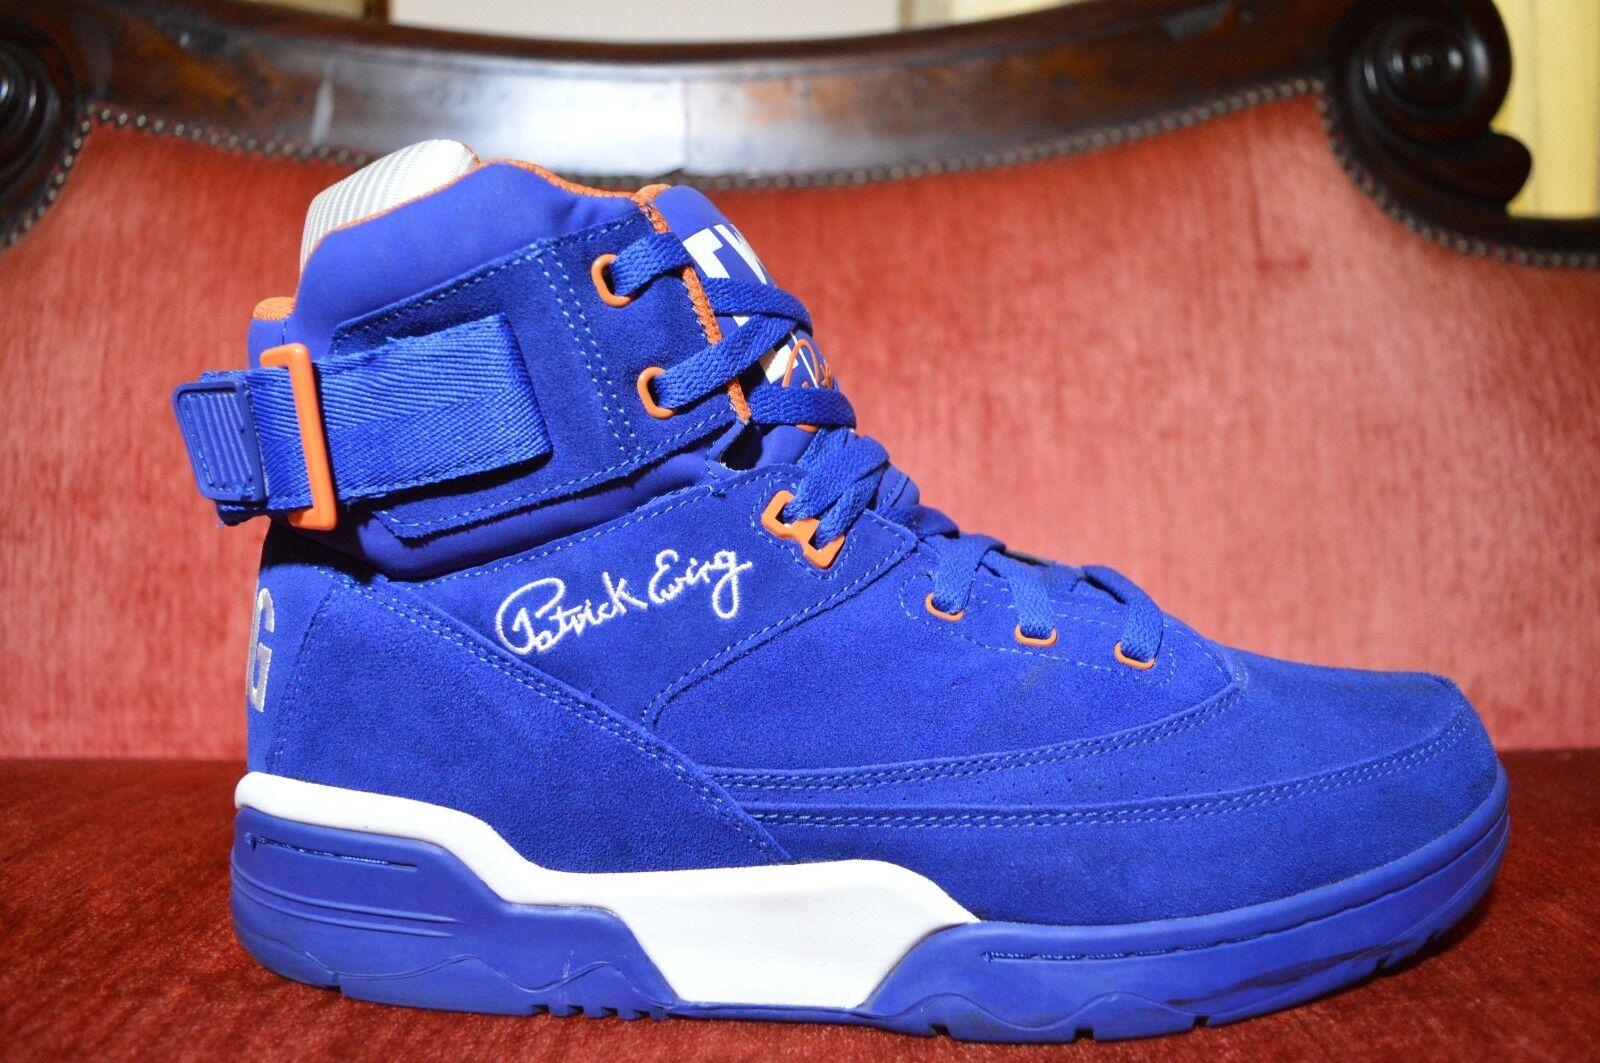 Patrick Ewing 33 Hi Royal azul Suede Naranja blancoo Tamaño 13 9 10 condición